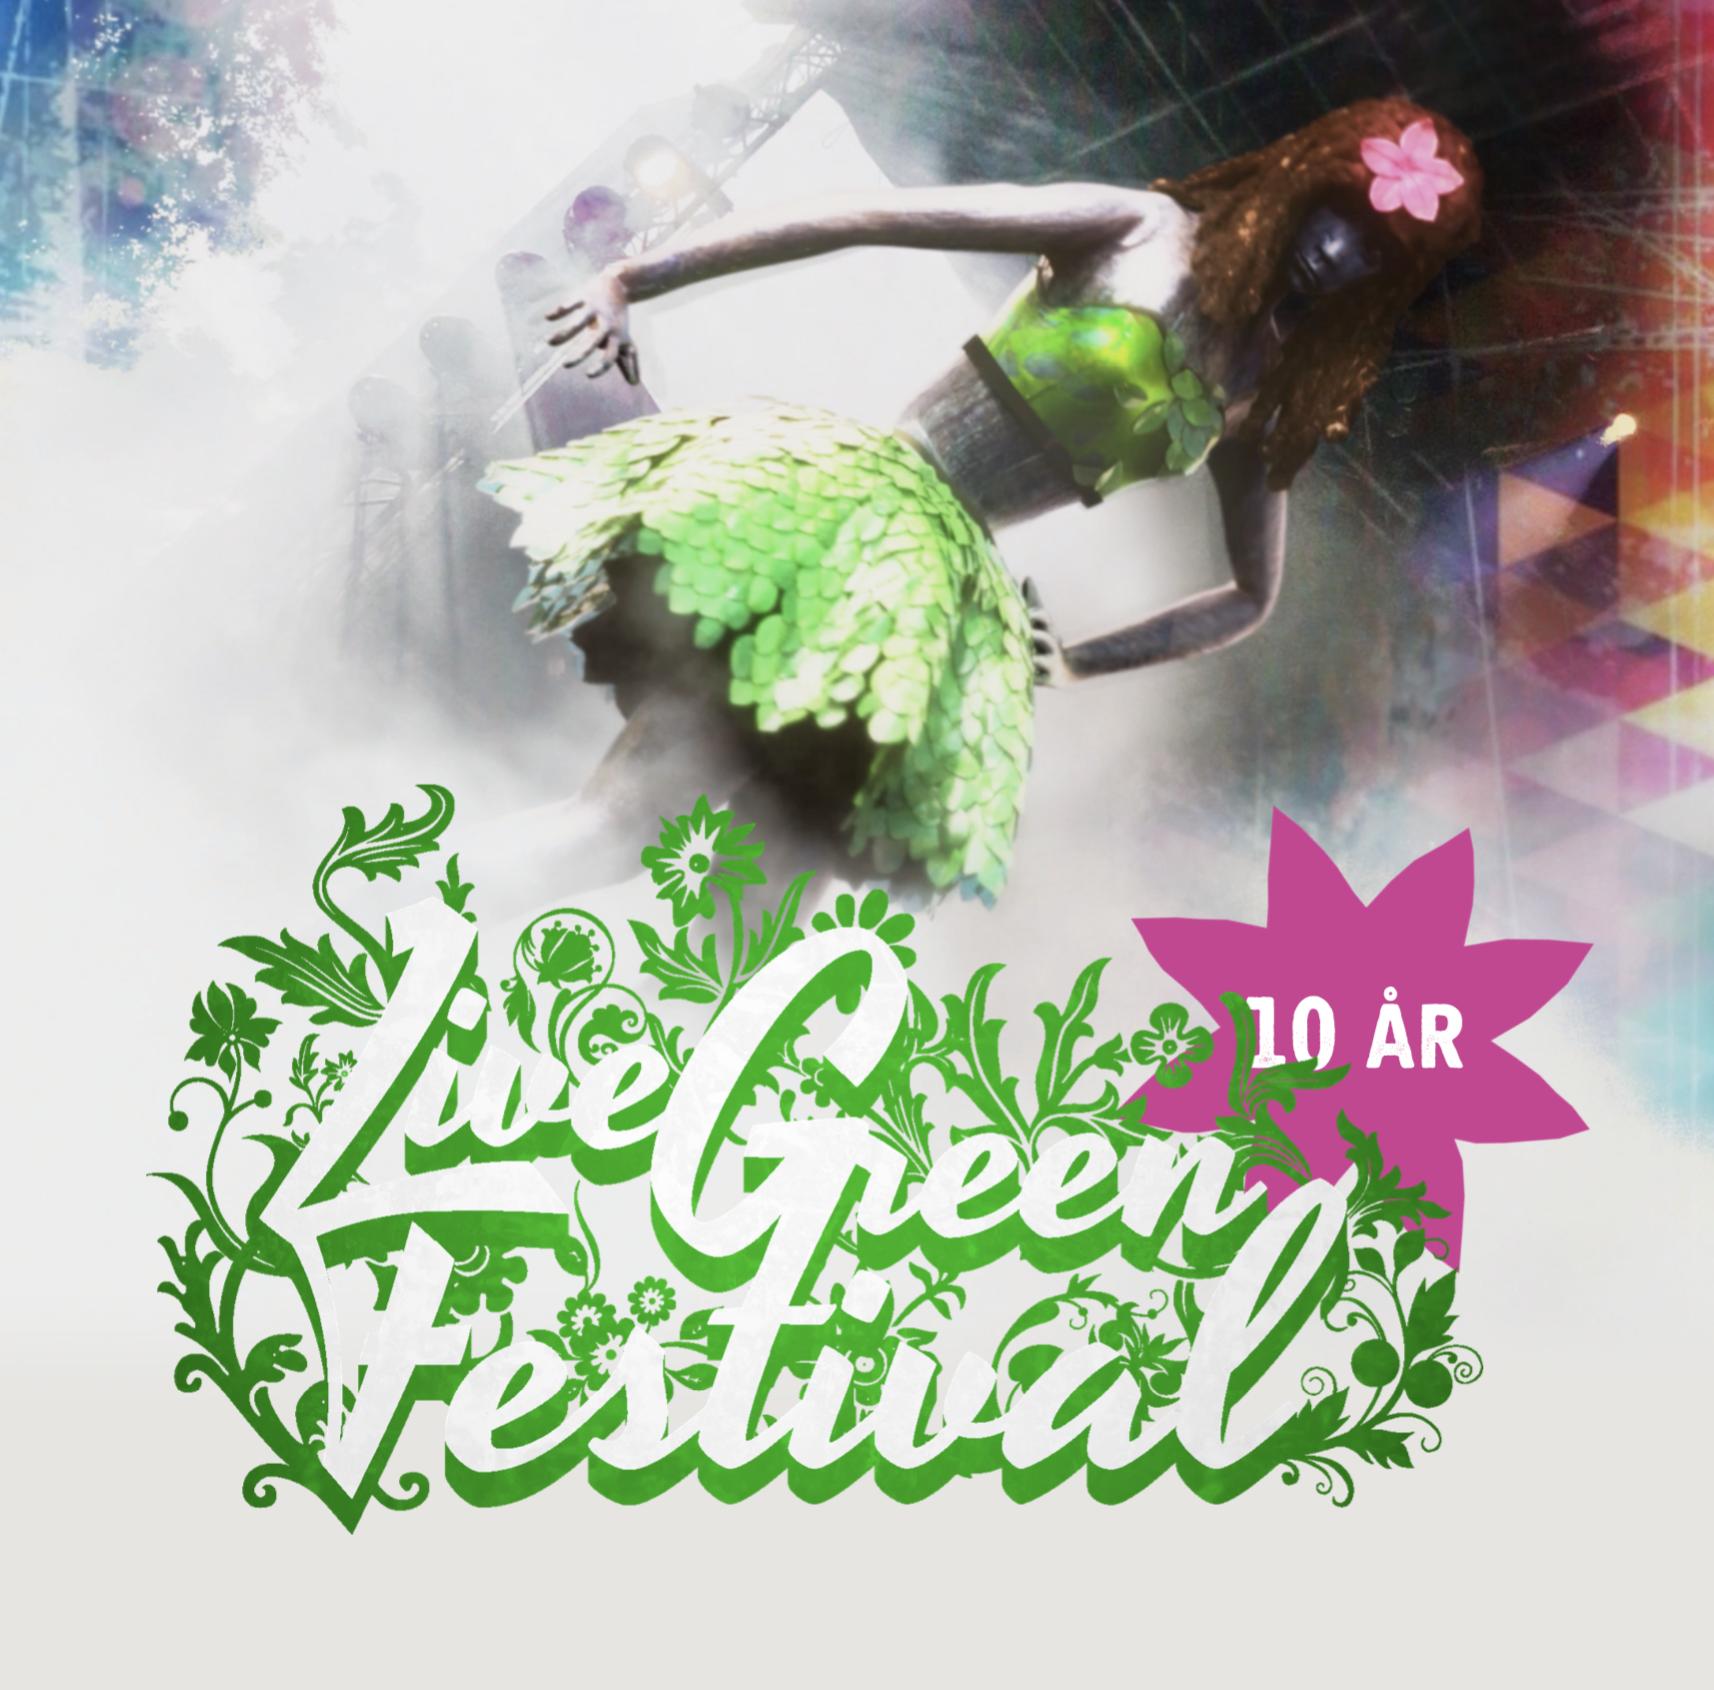 Festivalnostalgi online!